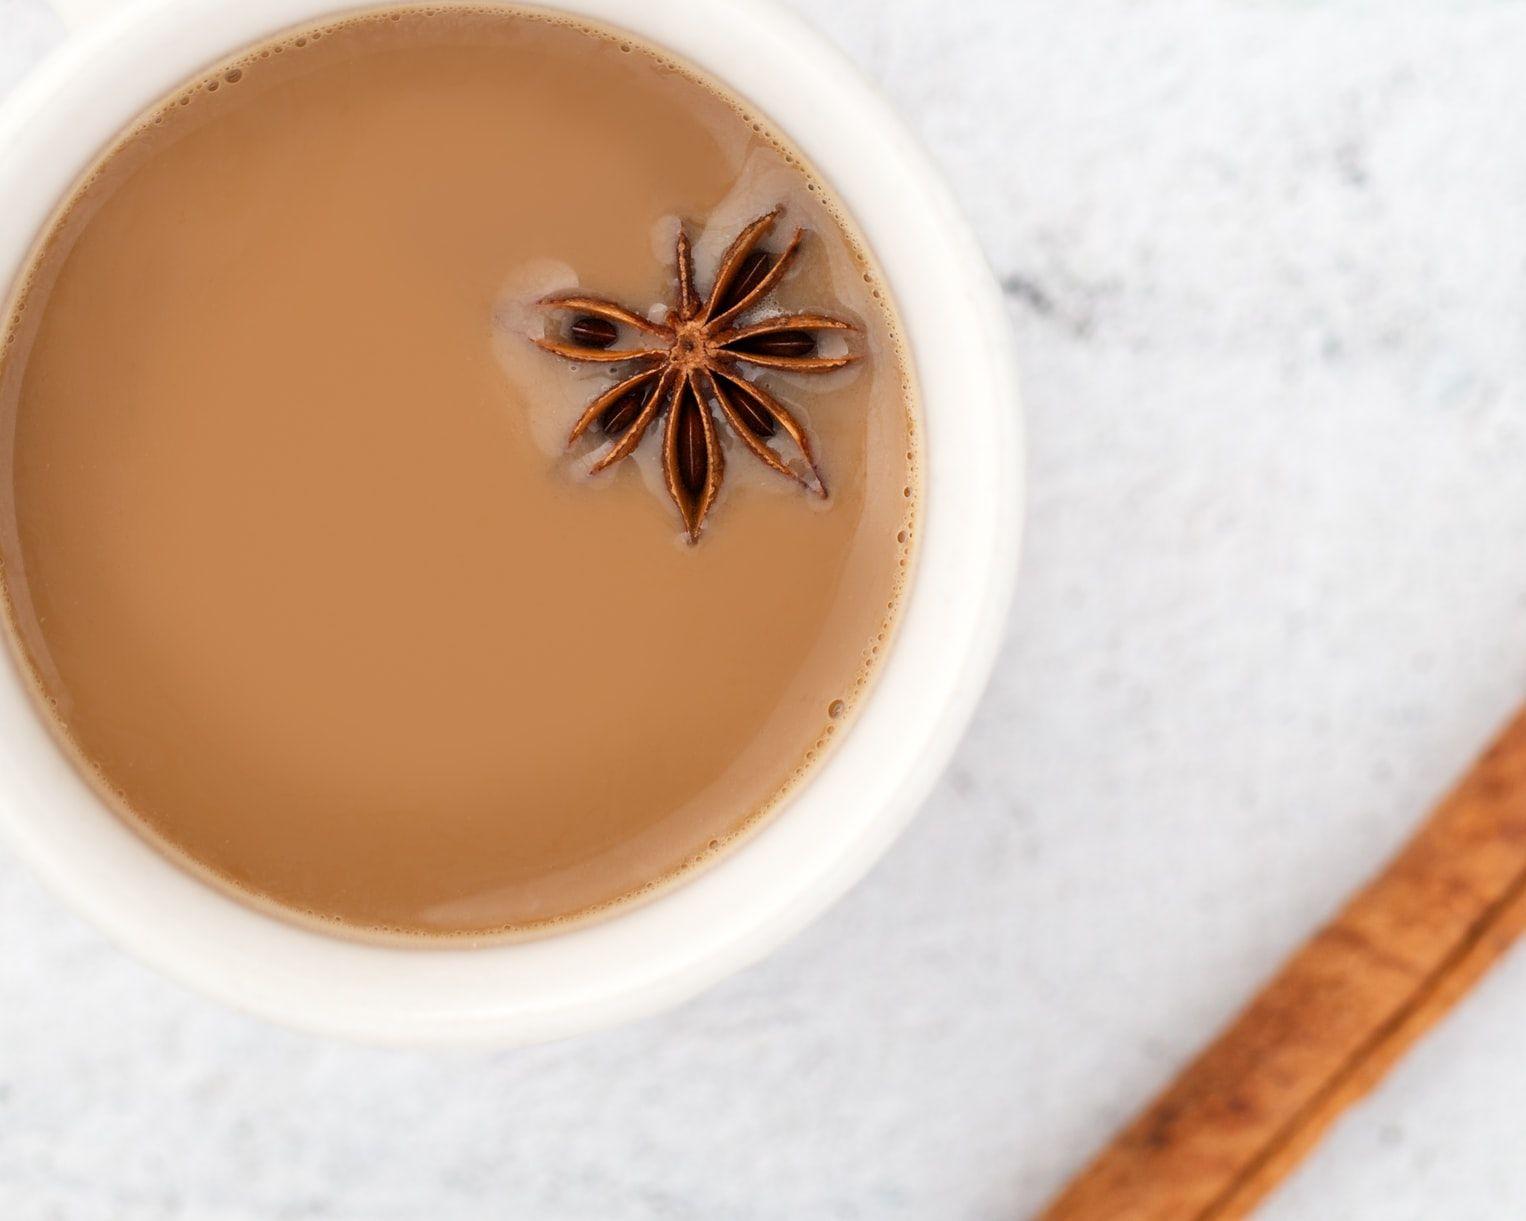 How To Make Cinnamon Tea 3 Different Ways Cup Leaf In 2020 Cinnamon Tea Chai Tea Recipe Milk Tea